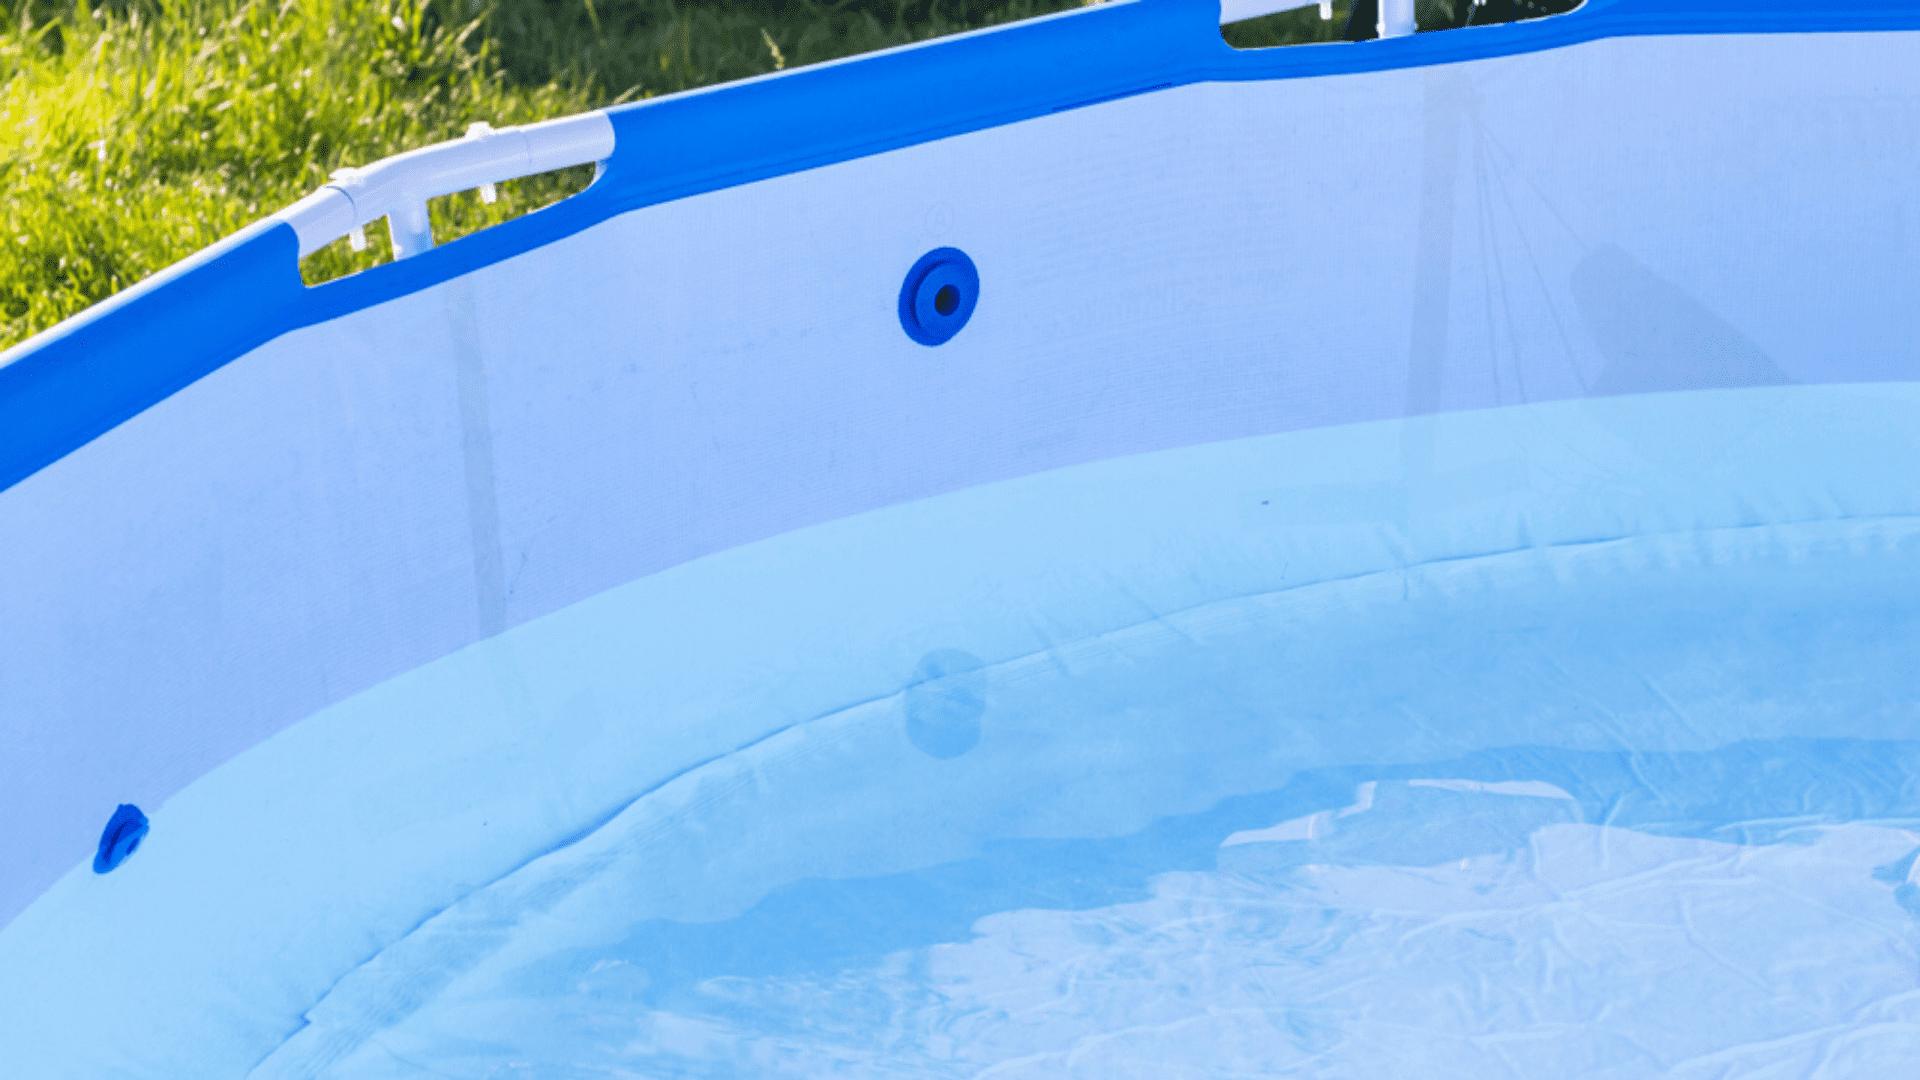 O material da lona também deve ser resistente para aguentar o peso da água (Imagem: Reprodução/Shutterstock)